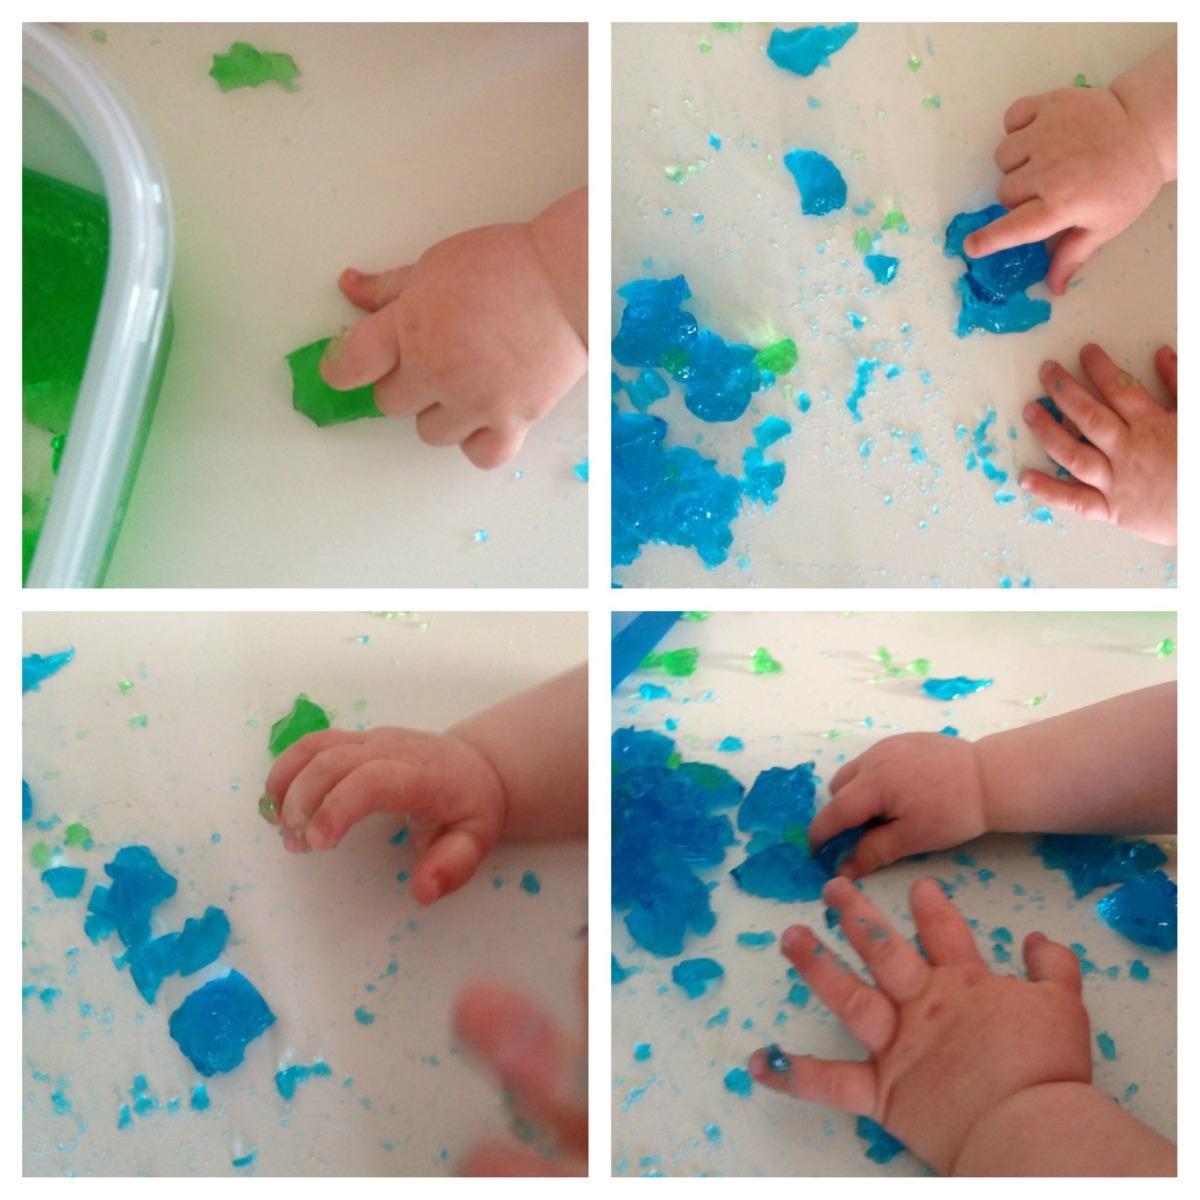 6. Spreading the Jello